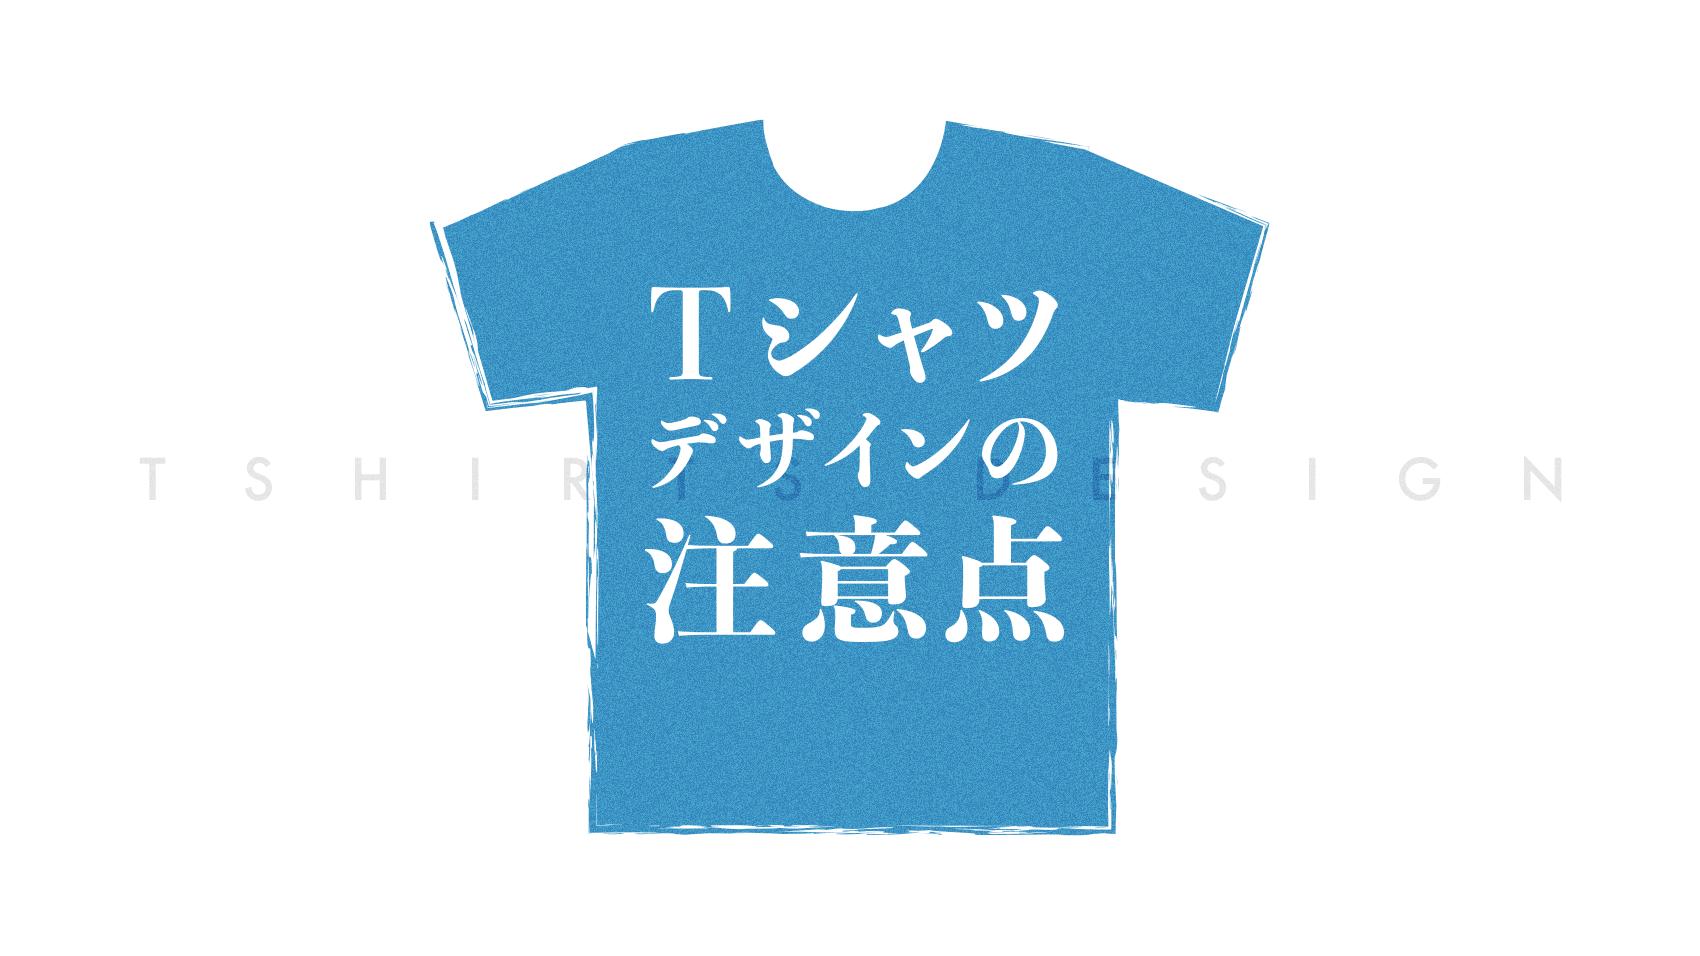 【シルクスクリーン印刷用】Tシャツをデザインするときの注意点